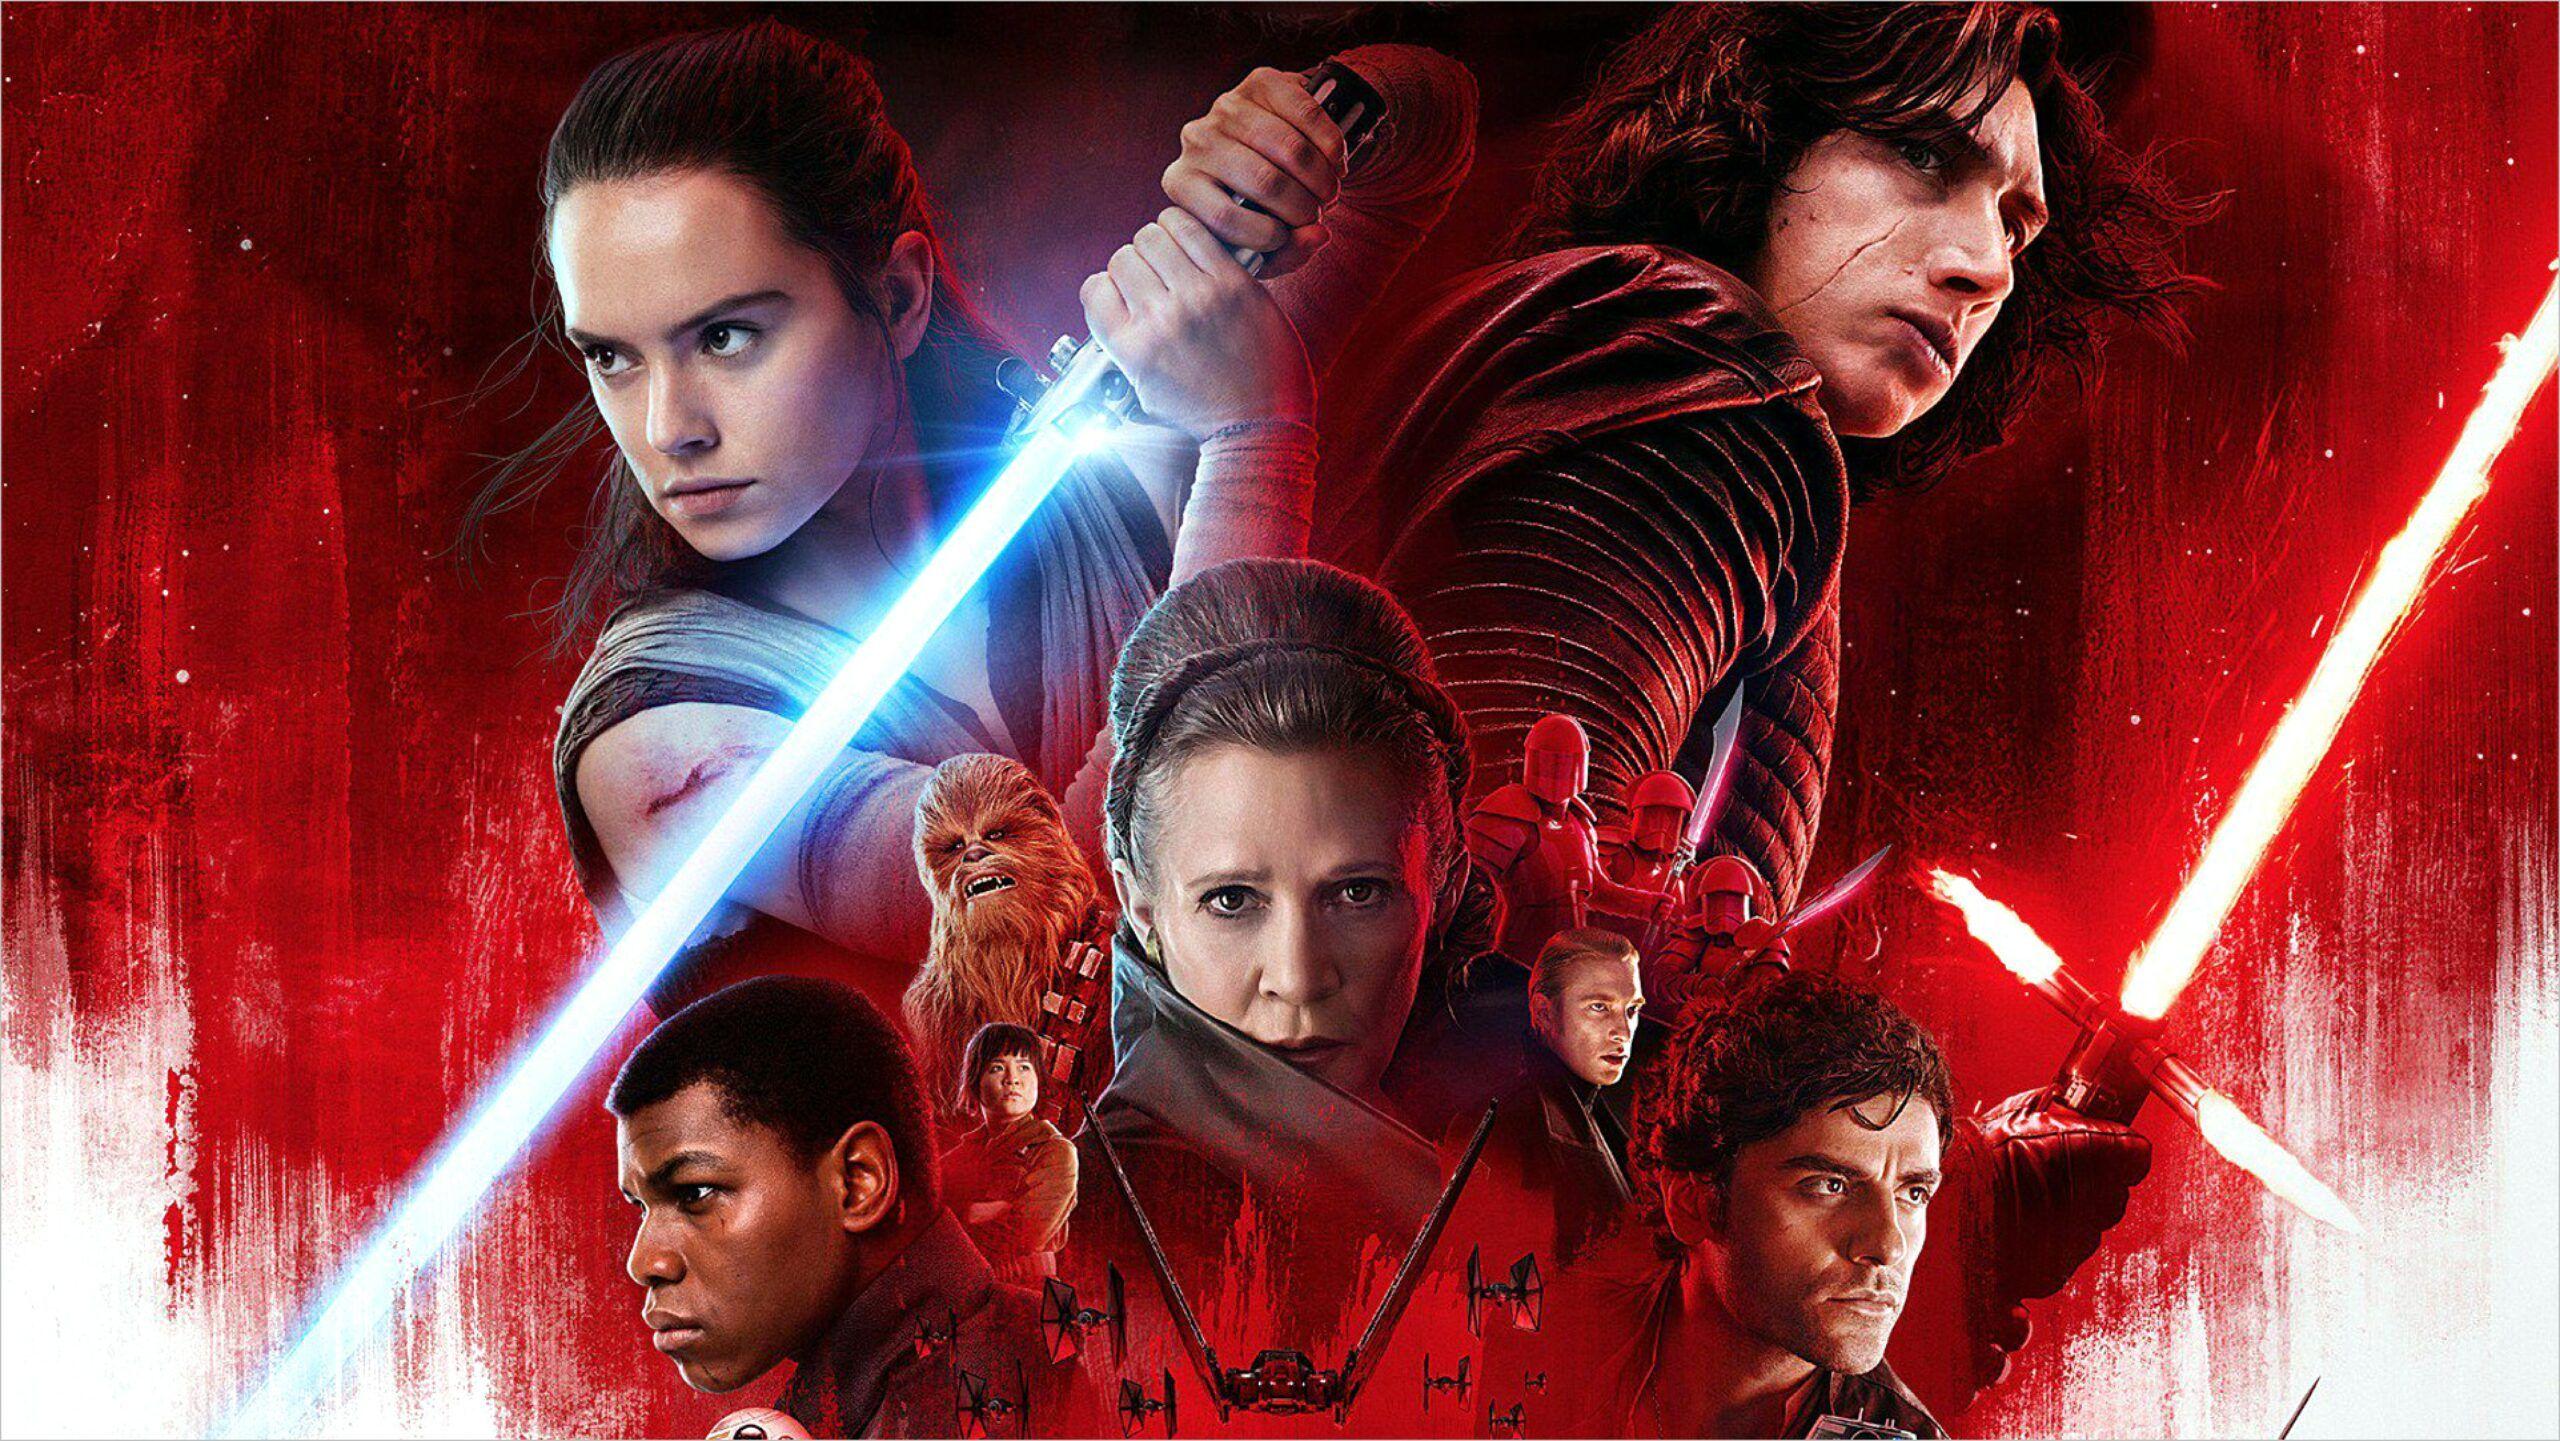 Star Wars Last Jedi 4k Wallpaper In 2020 Last Jedi Jedi Star Wars